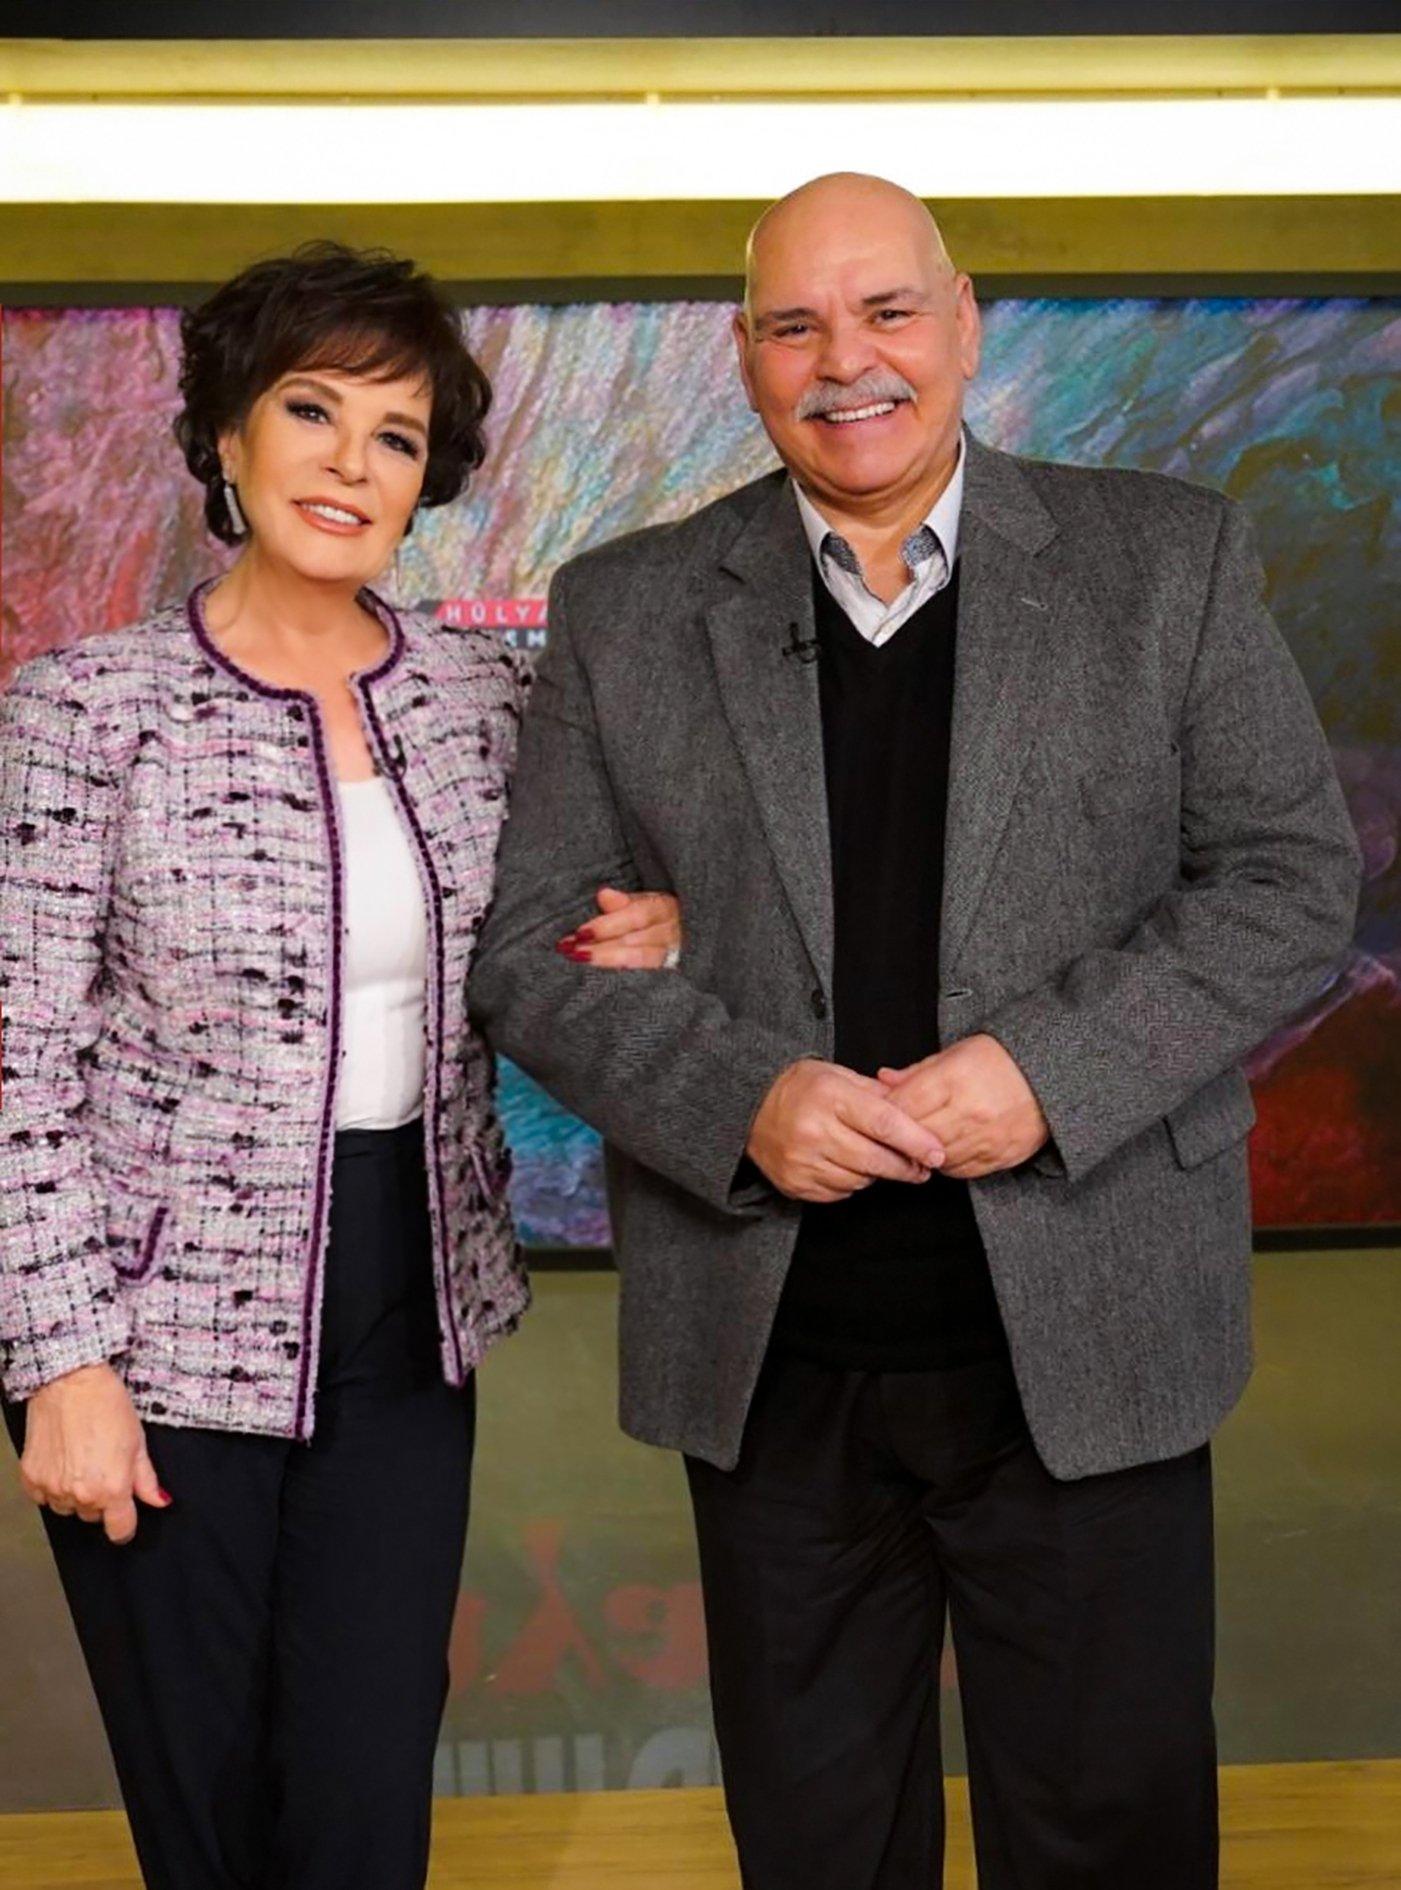 Rasim Öztekin (R) poses with actress Hülya Koçyiğit. (AA Photo)